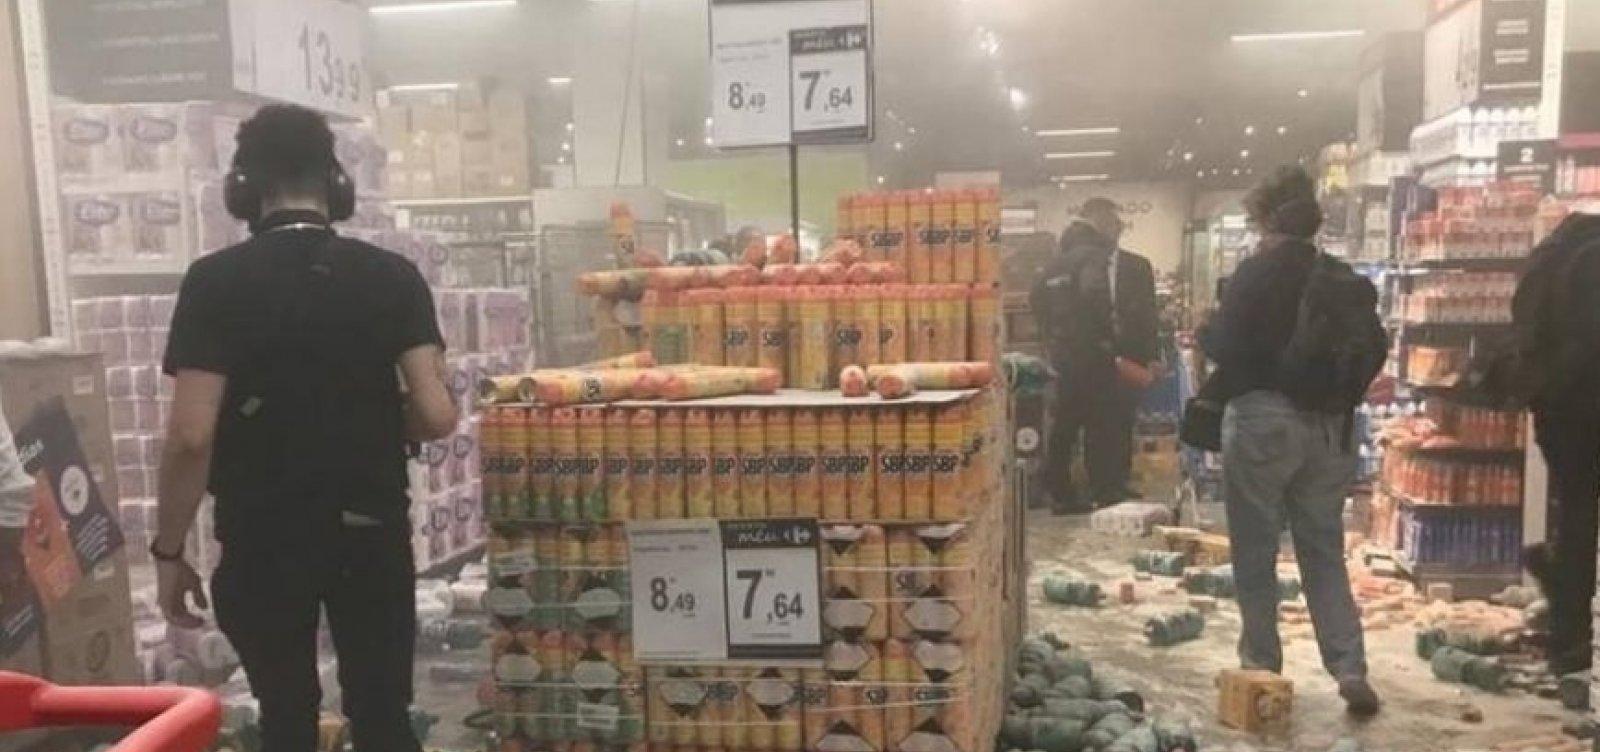 [Loja do Carrefour em São Paulo é destruída durante protesto antirracista]